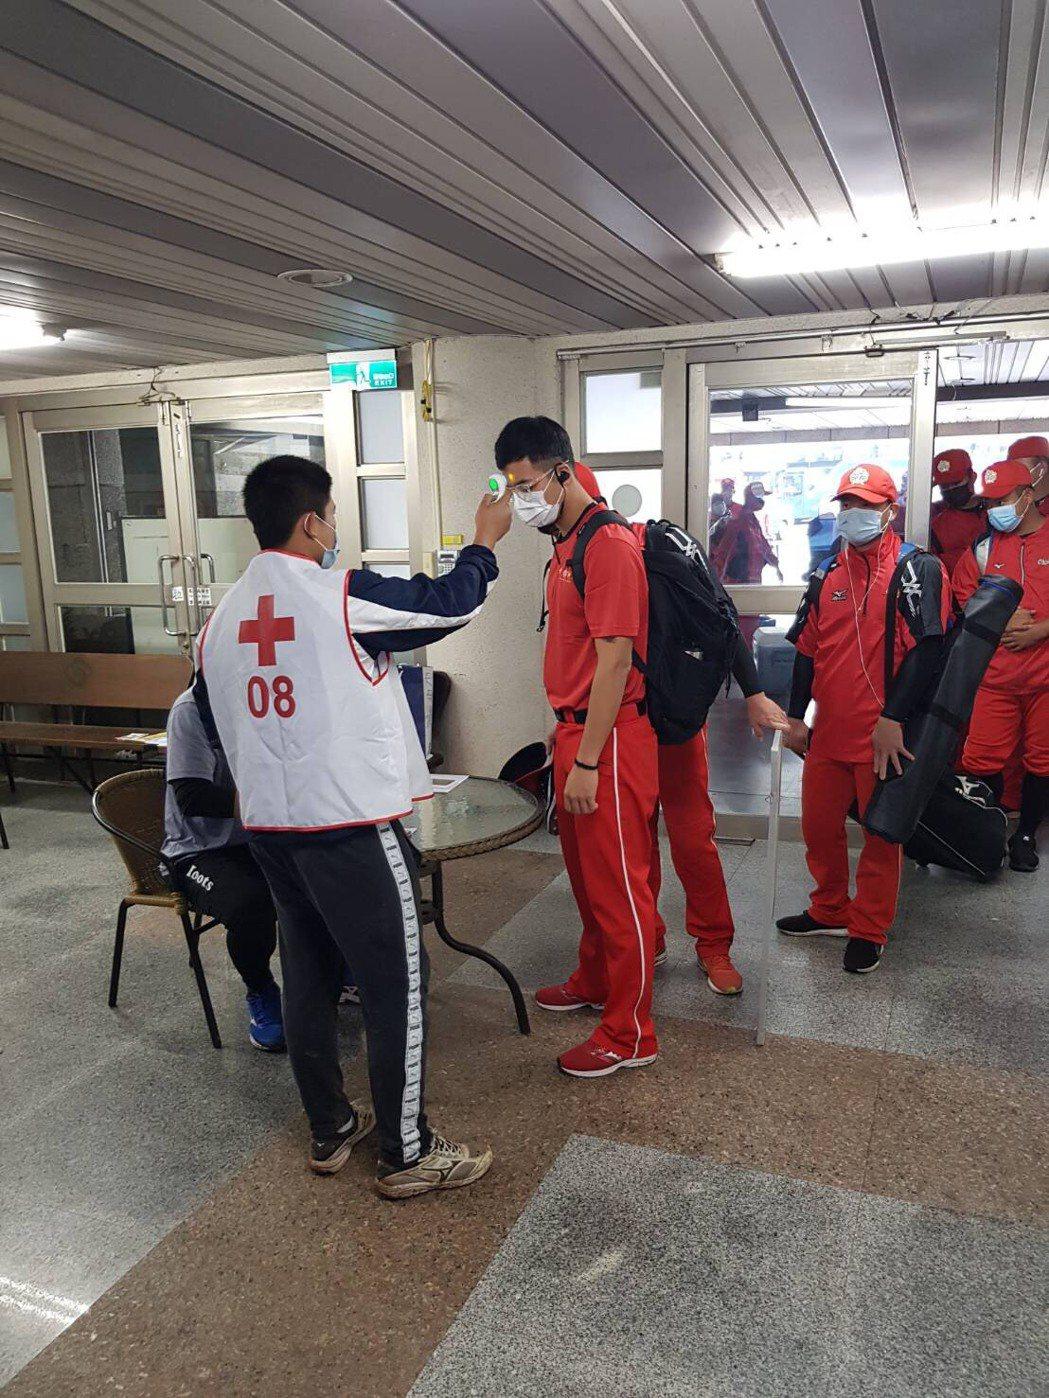 全國成棒甲組春季聯賽開打,各隊球員進場必須先量體溫。圖/中華棒球協會提供